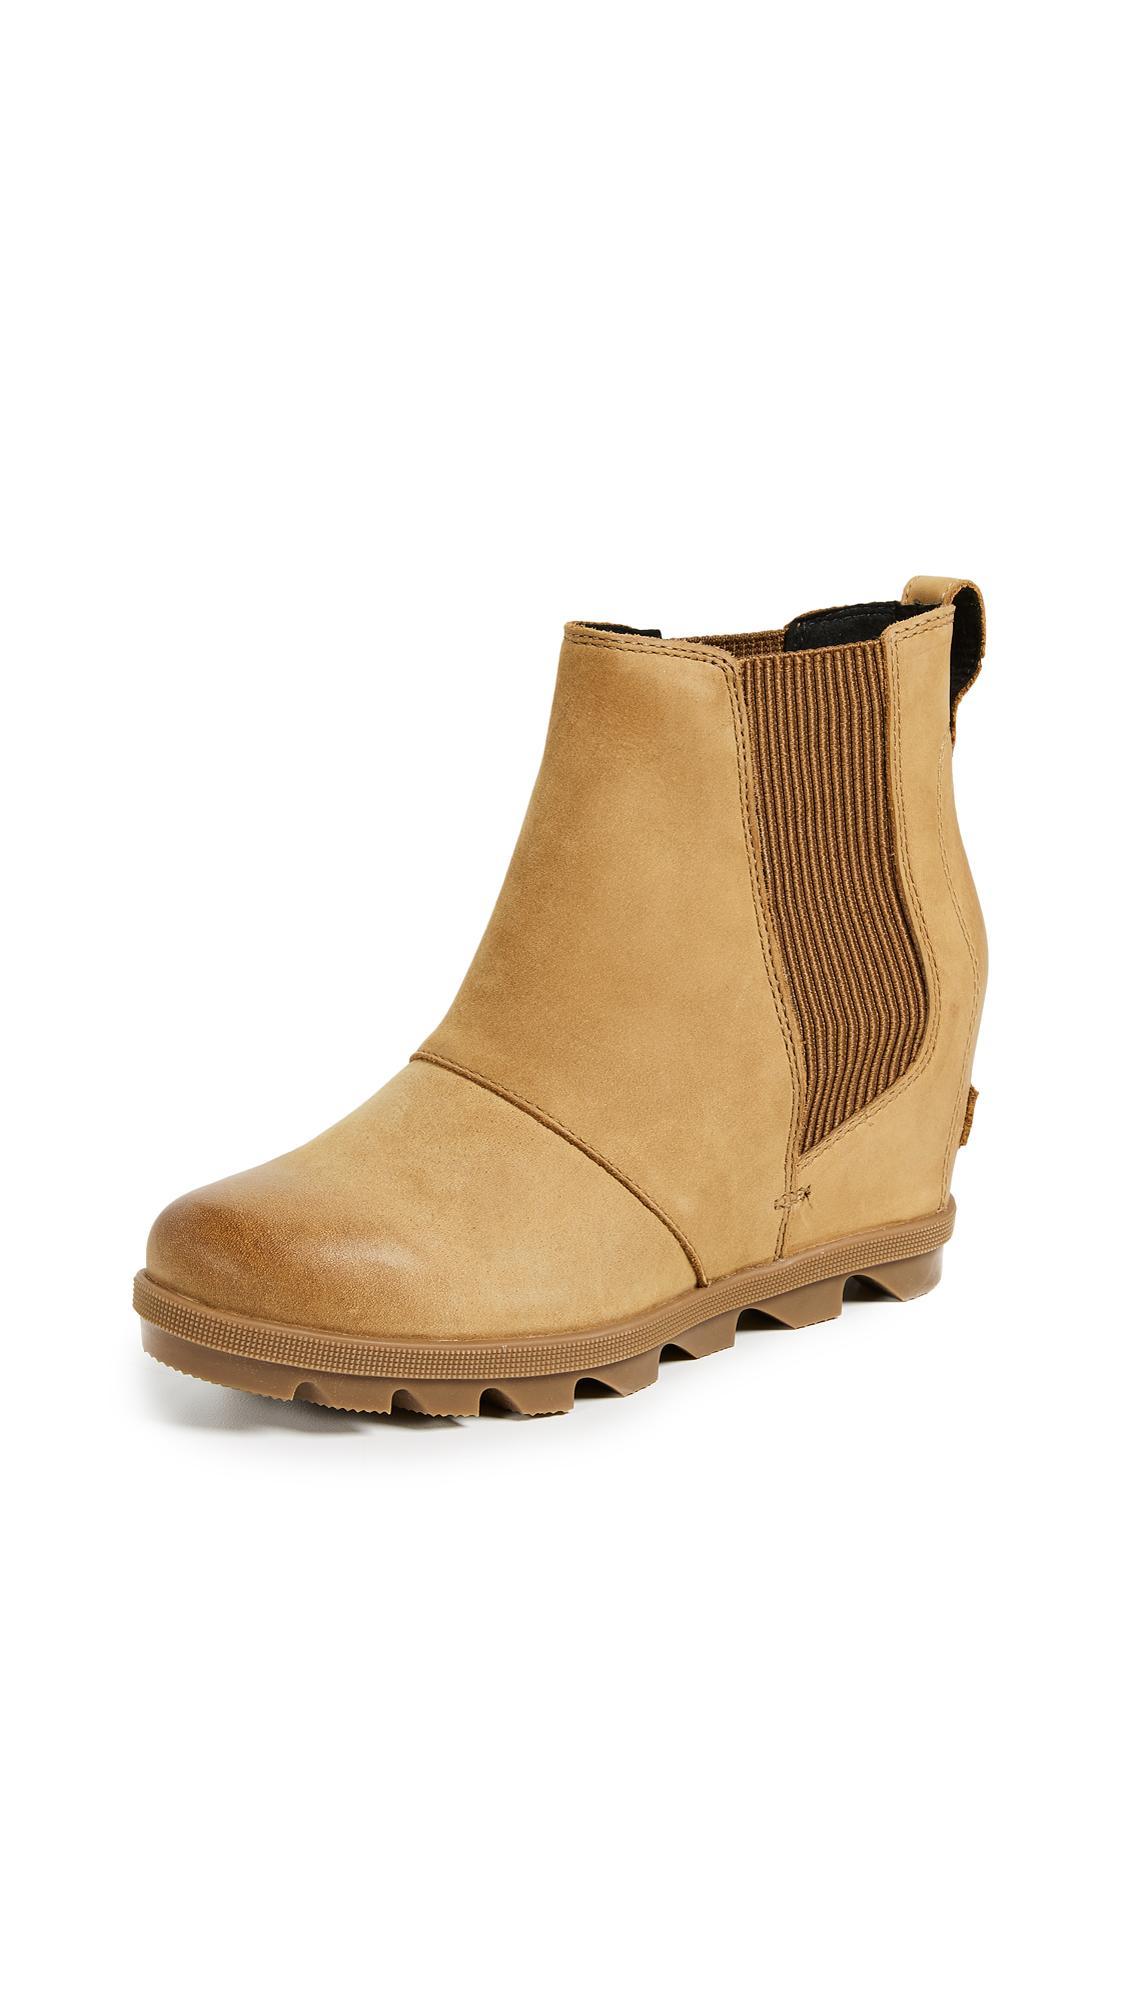 03c61506309c Sorel Joan Of Arctic Wedge Ii Chelsea Boots In Camel Brown